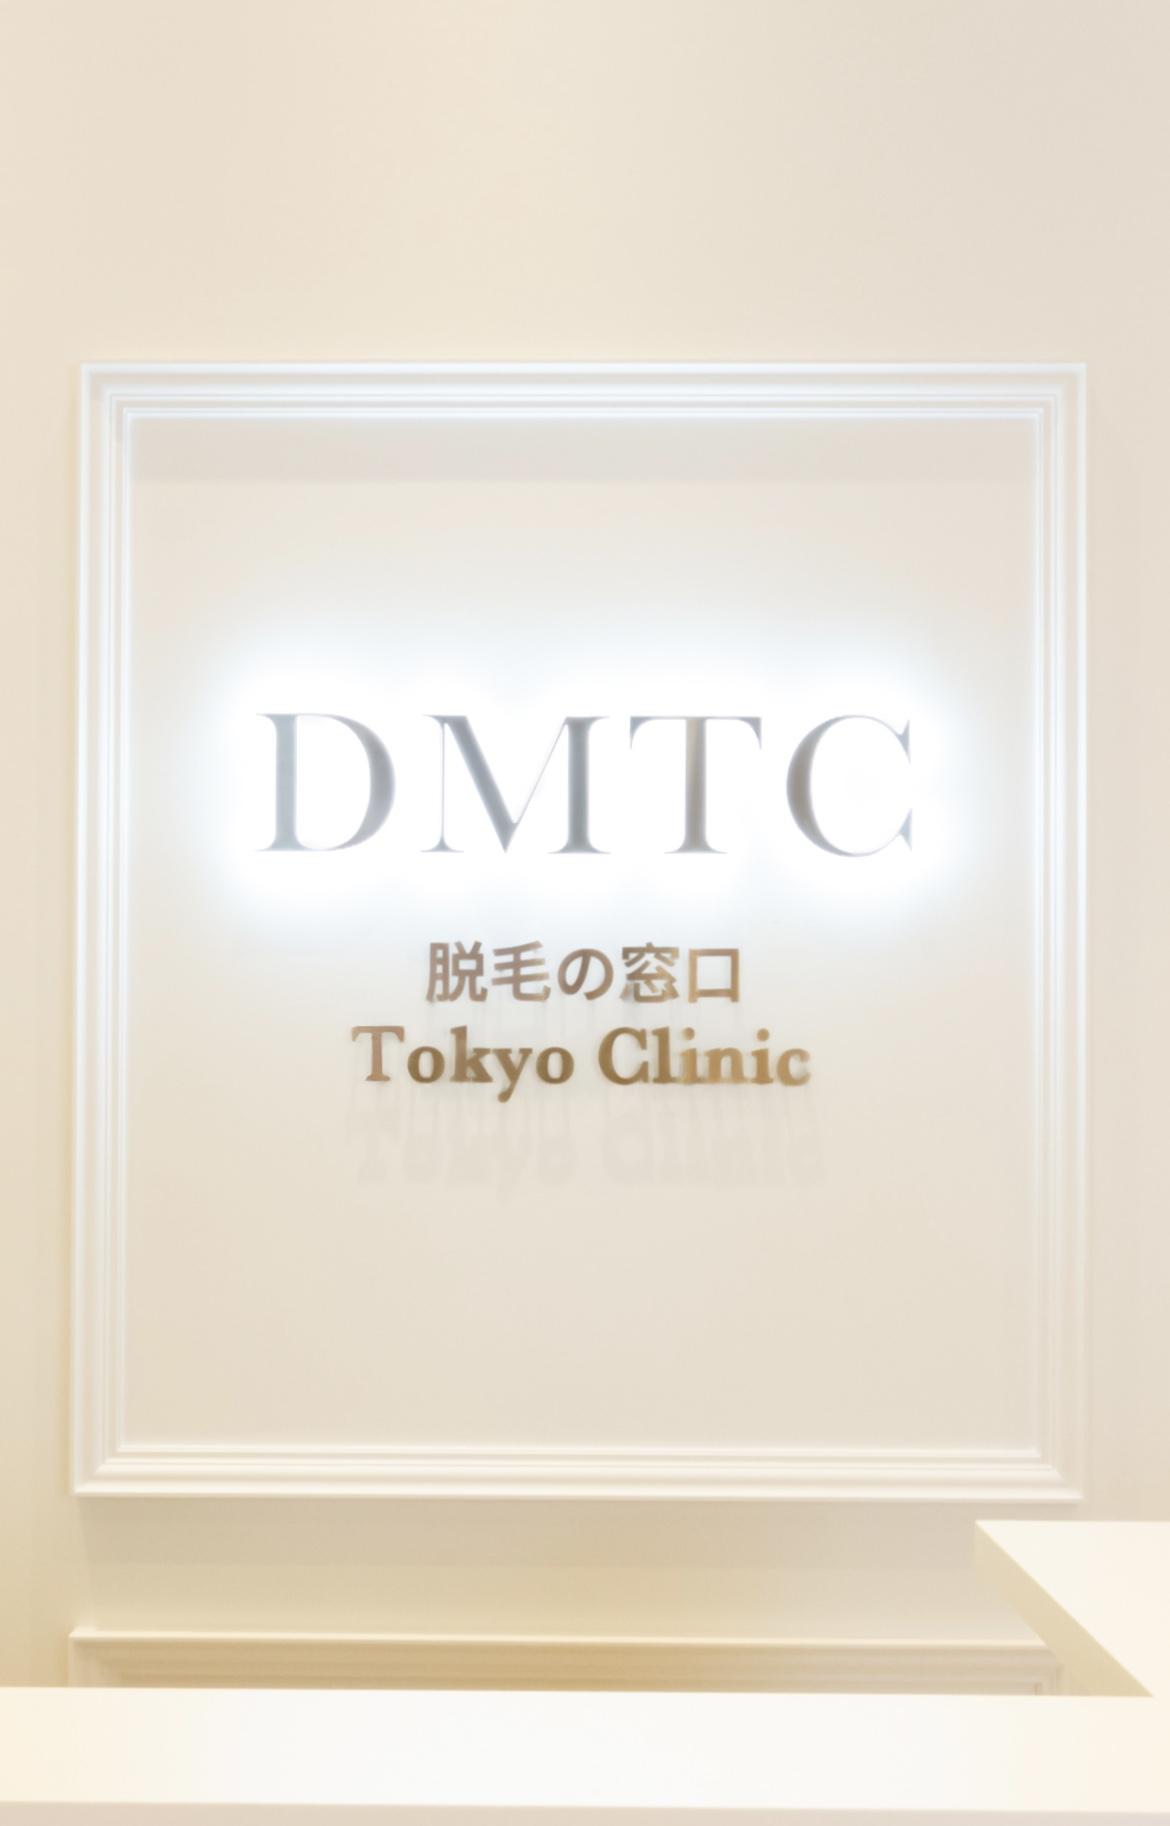 脱毛の窓口 Tokyo Clinic